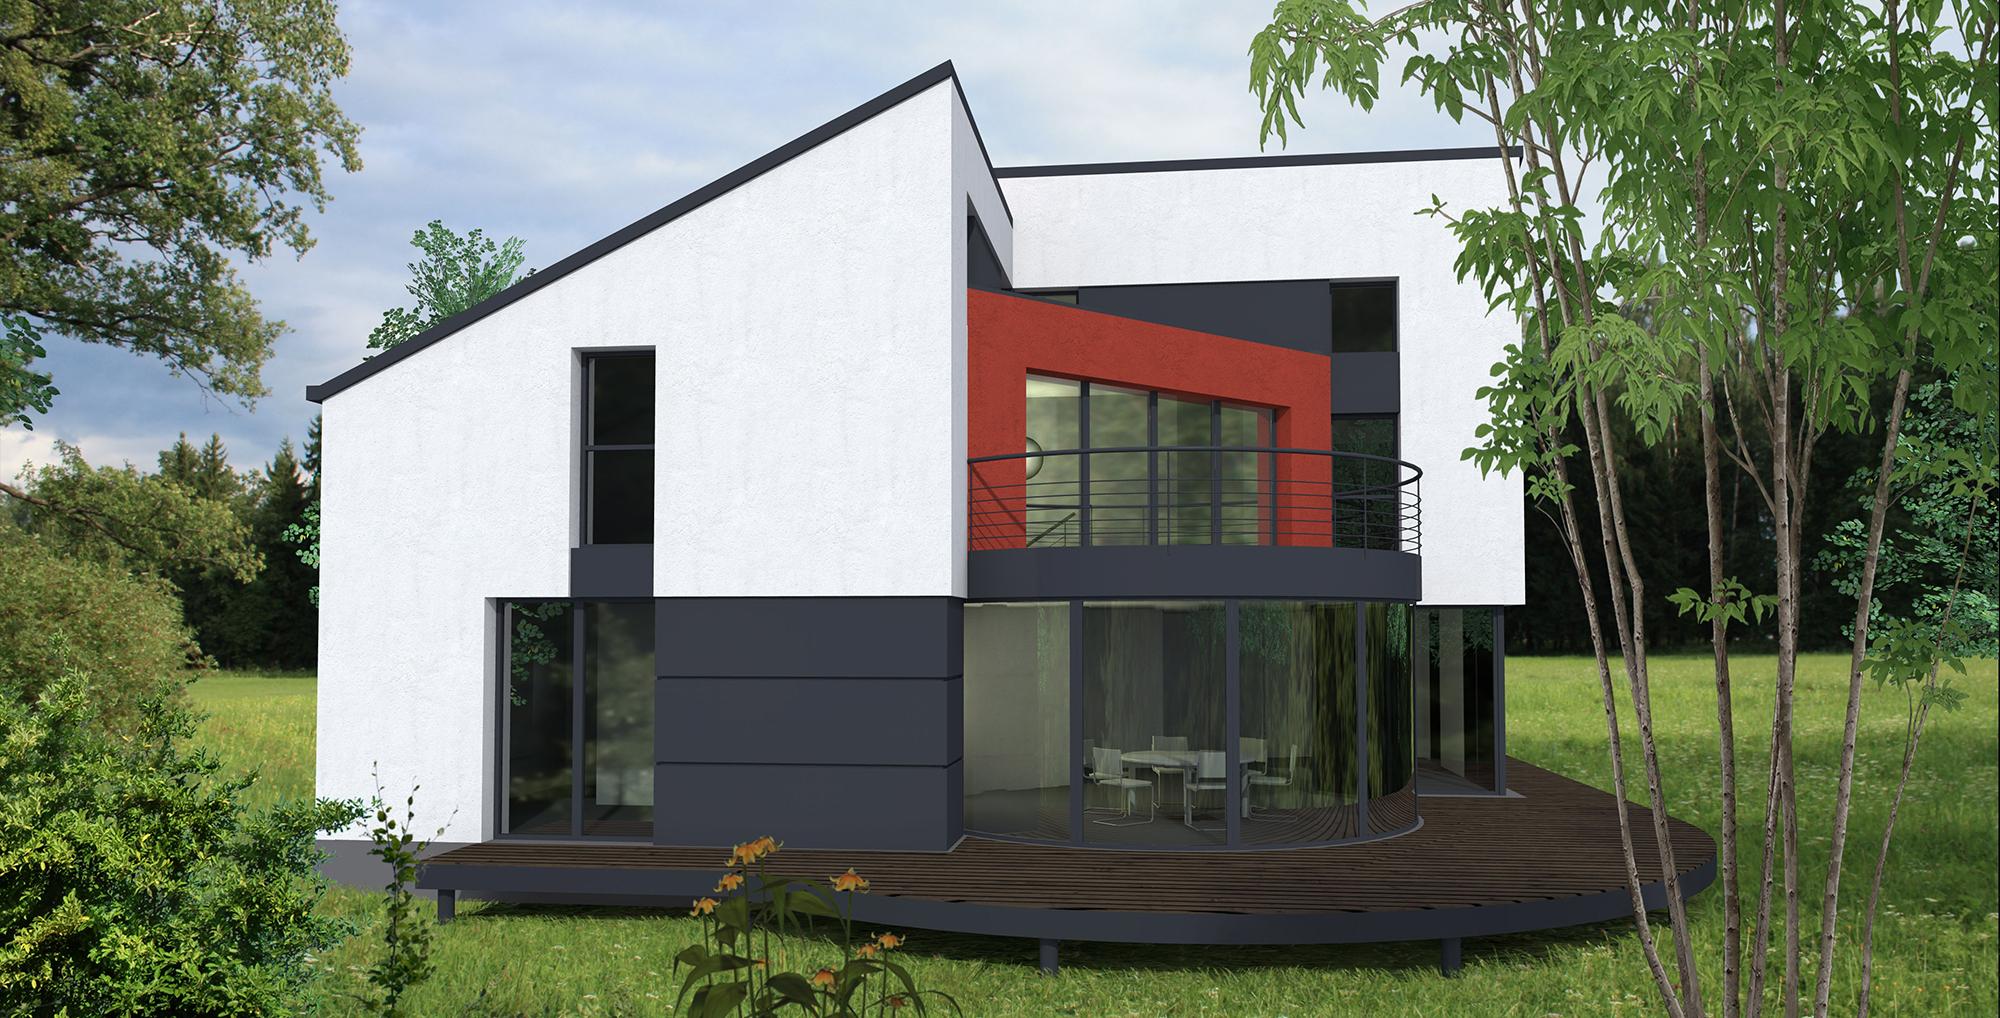 Faire construire sa maison porte de versailles maison moderne - Une maison un jardin berthenay versailles ...